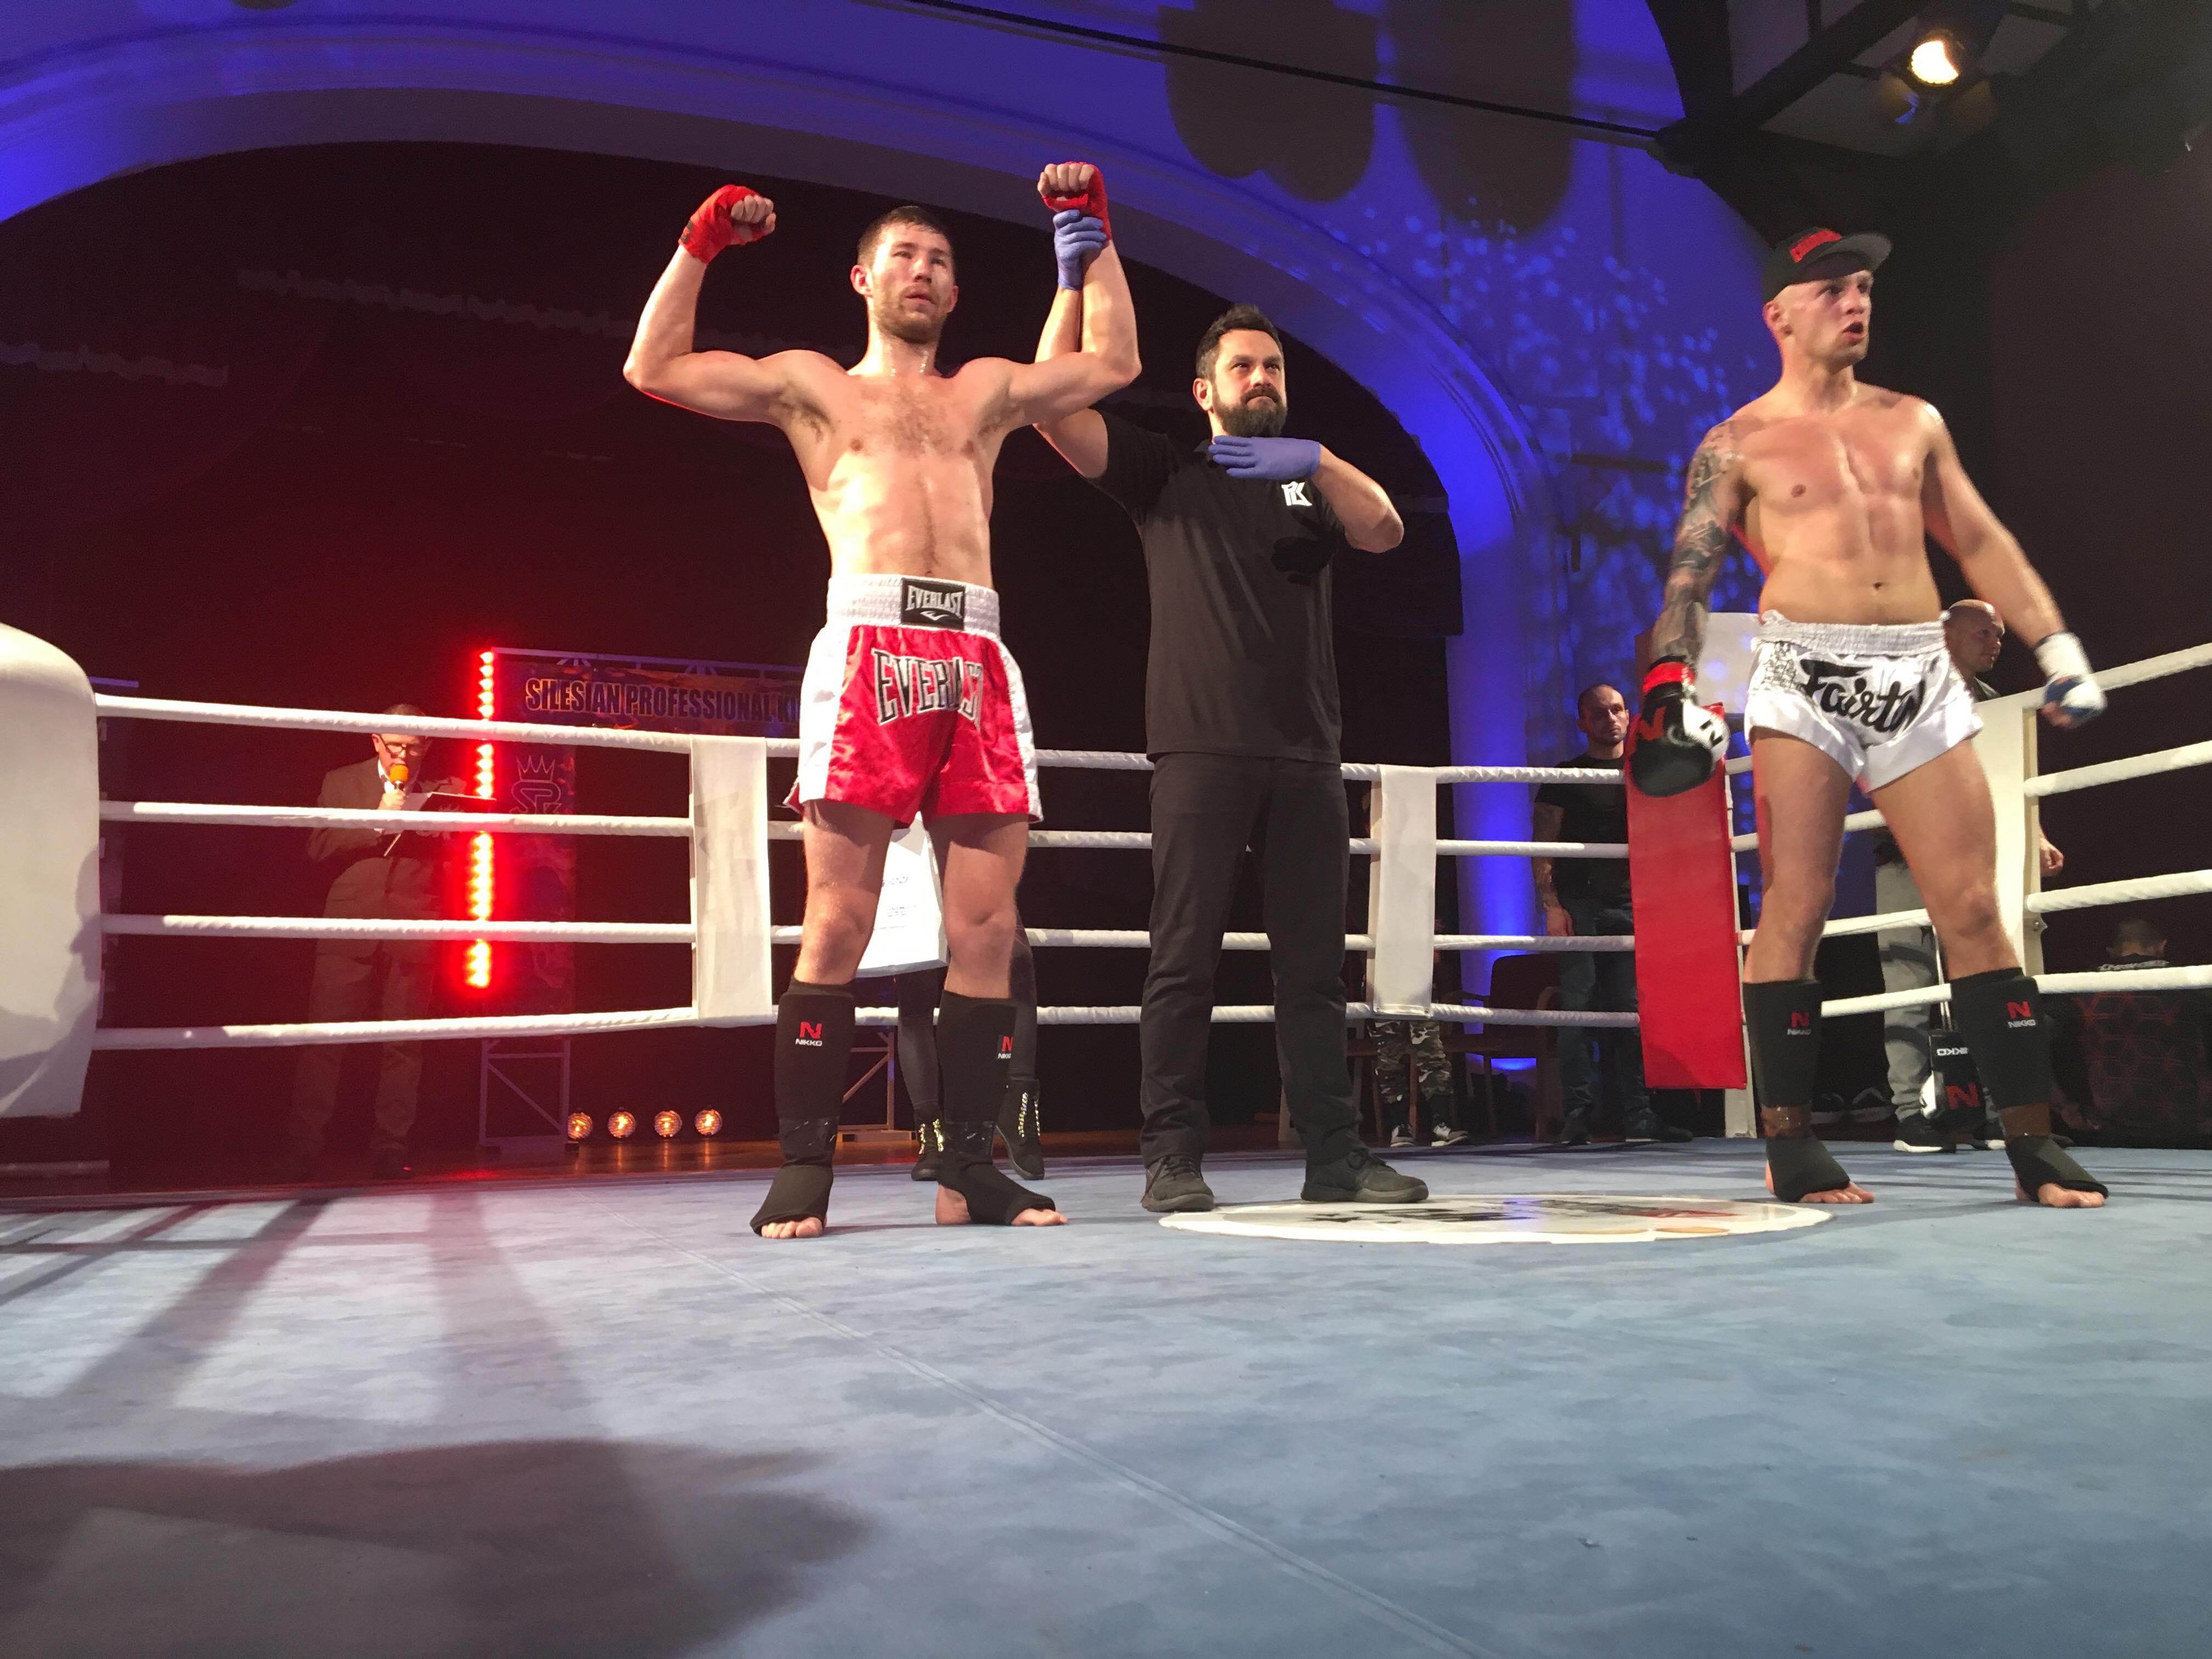 Oprócz Bartosza Fryca, zwycięstwo na katowickim ringu odniósł także Dawid Pawlus. Fot. zbiory klubu